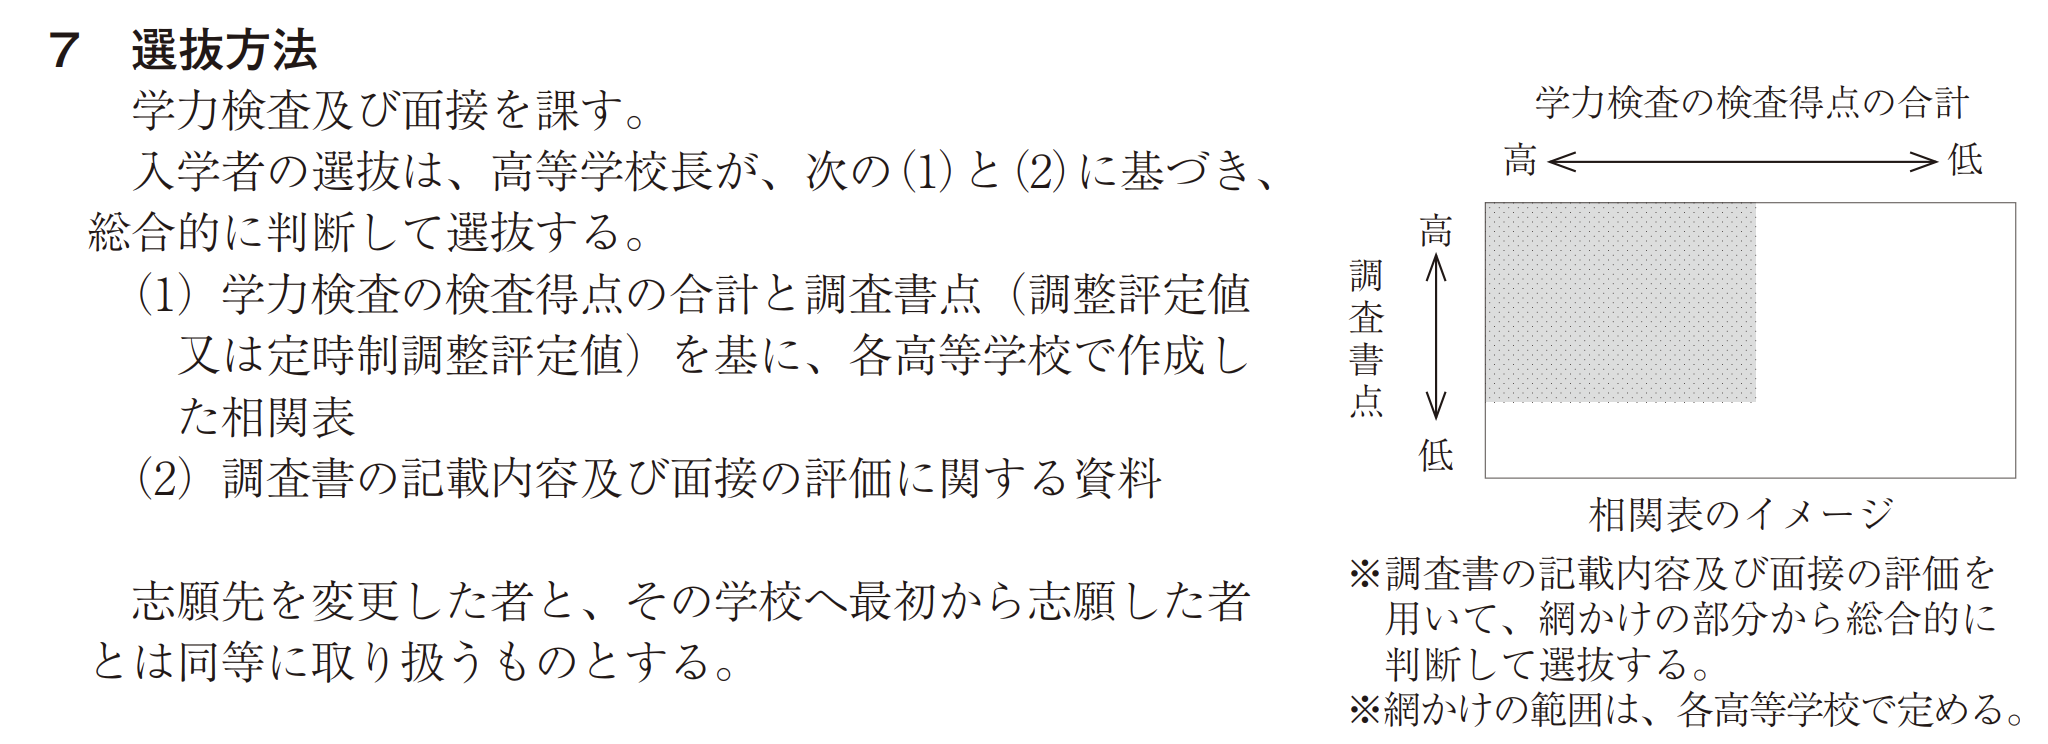 秋田県公立高校入試制度2